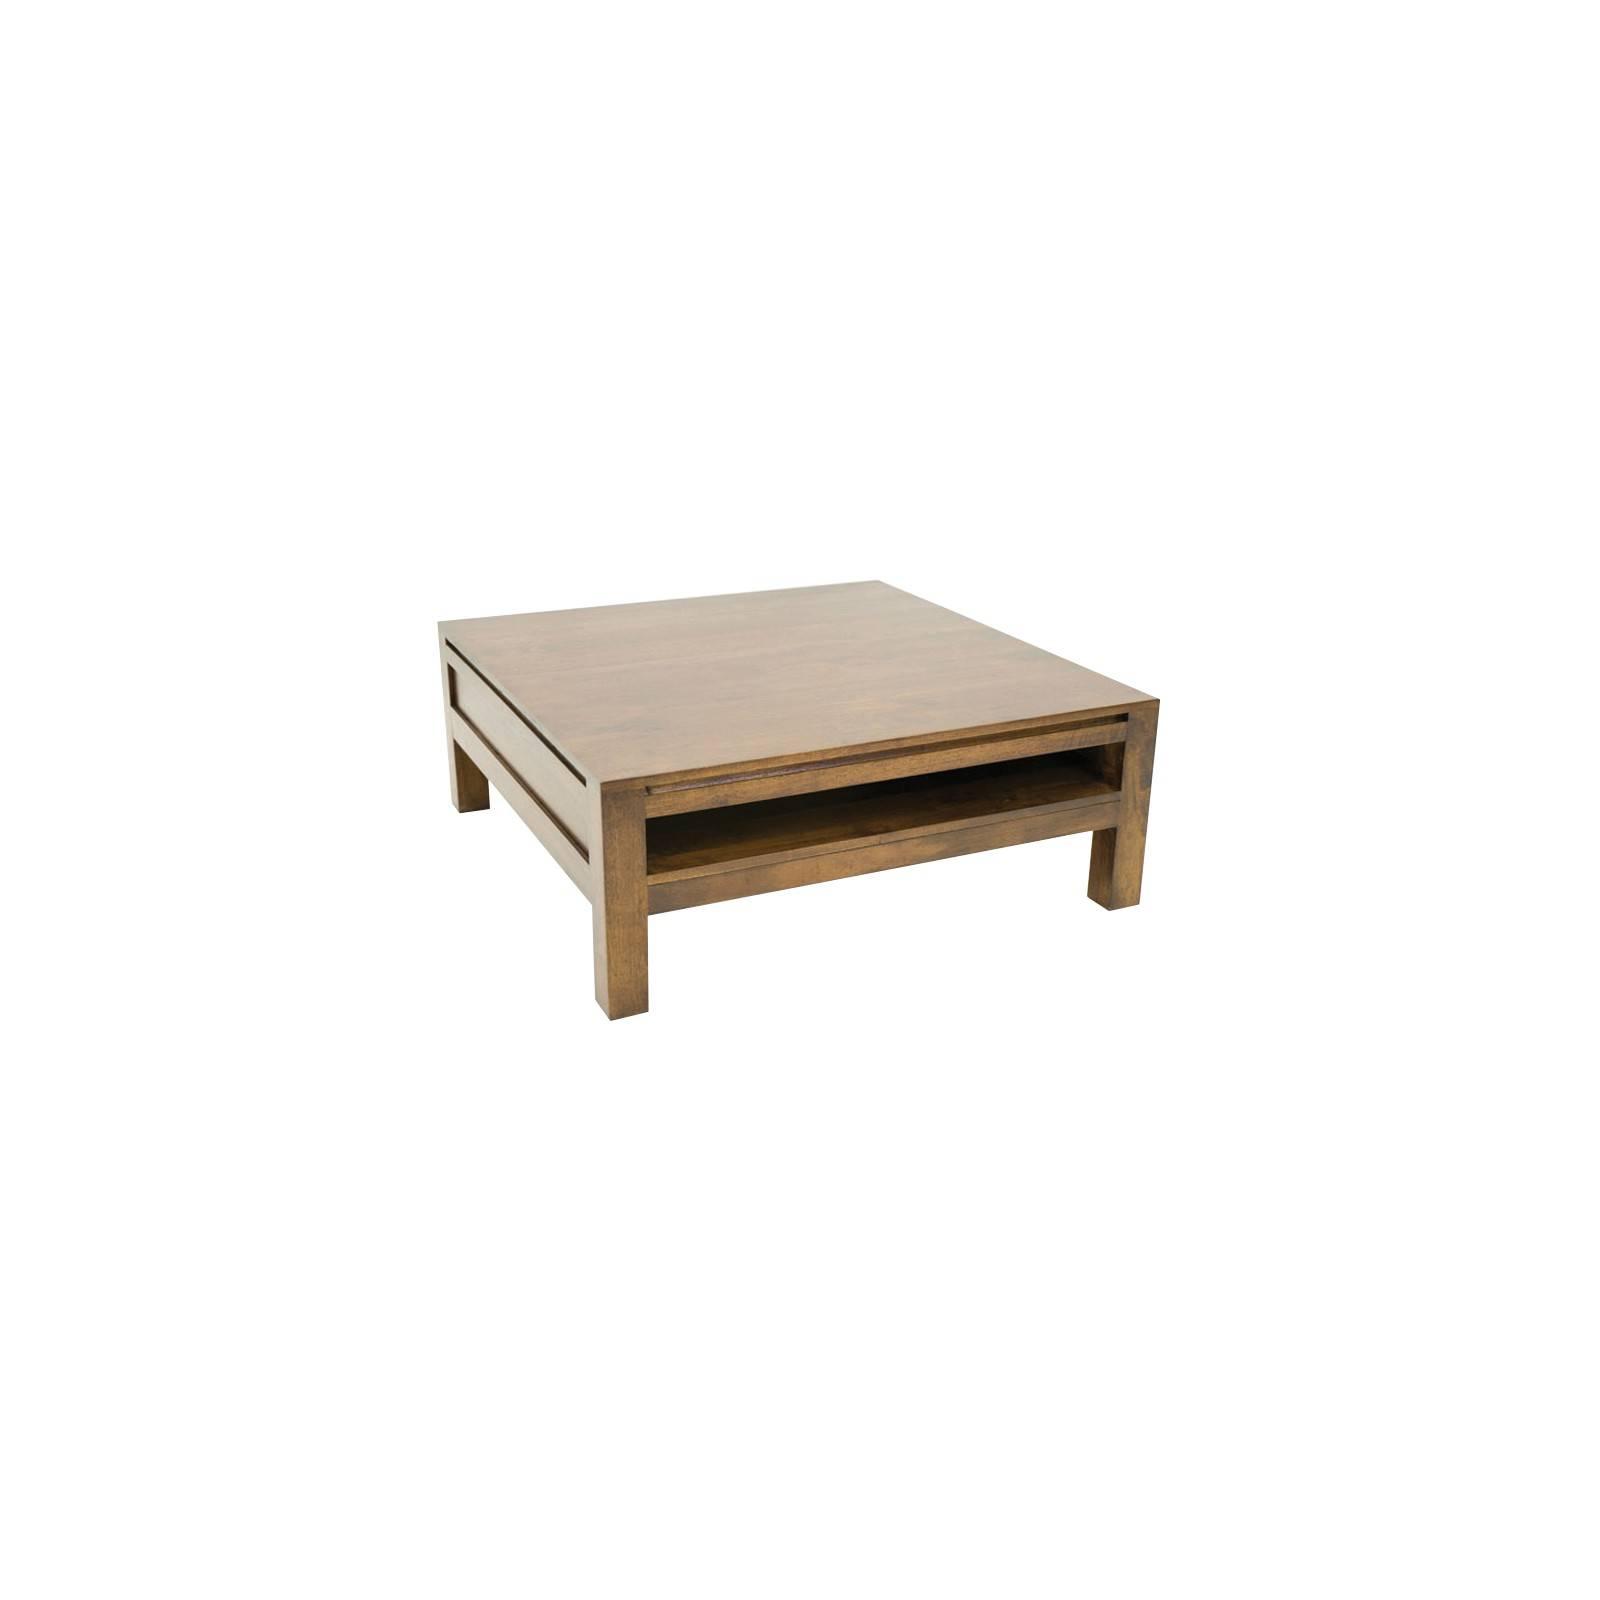 Table basse carrée Fjord. Mobilier au style nordique